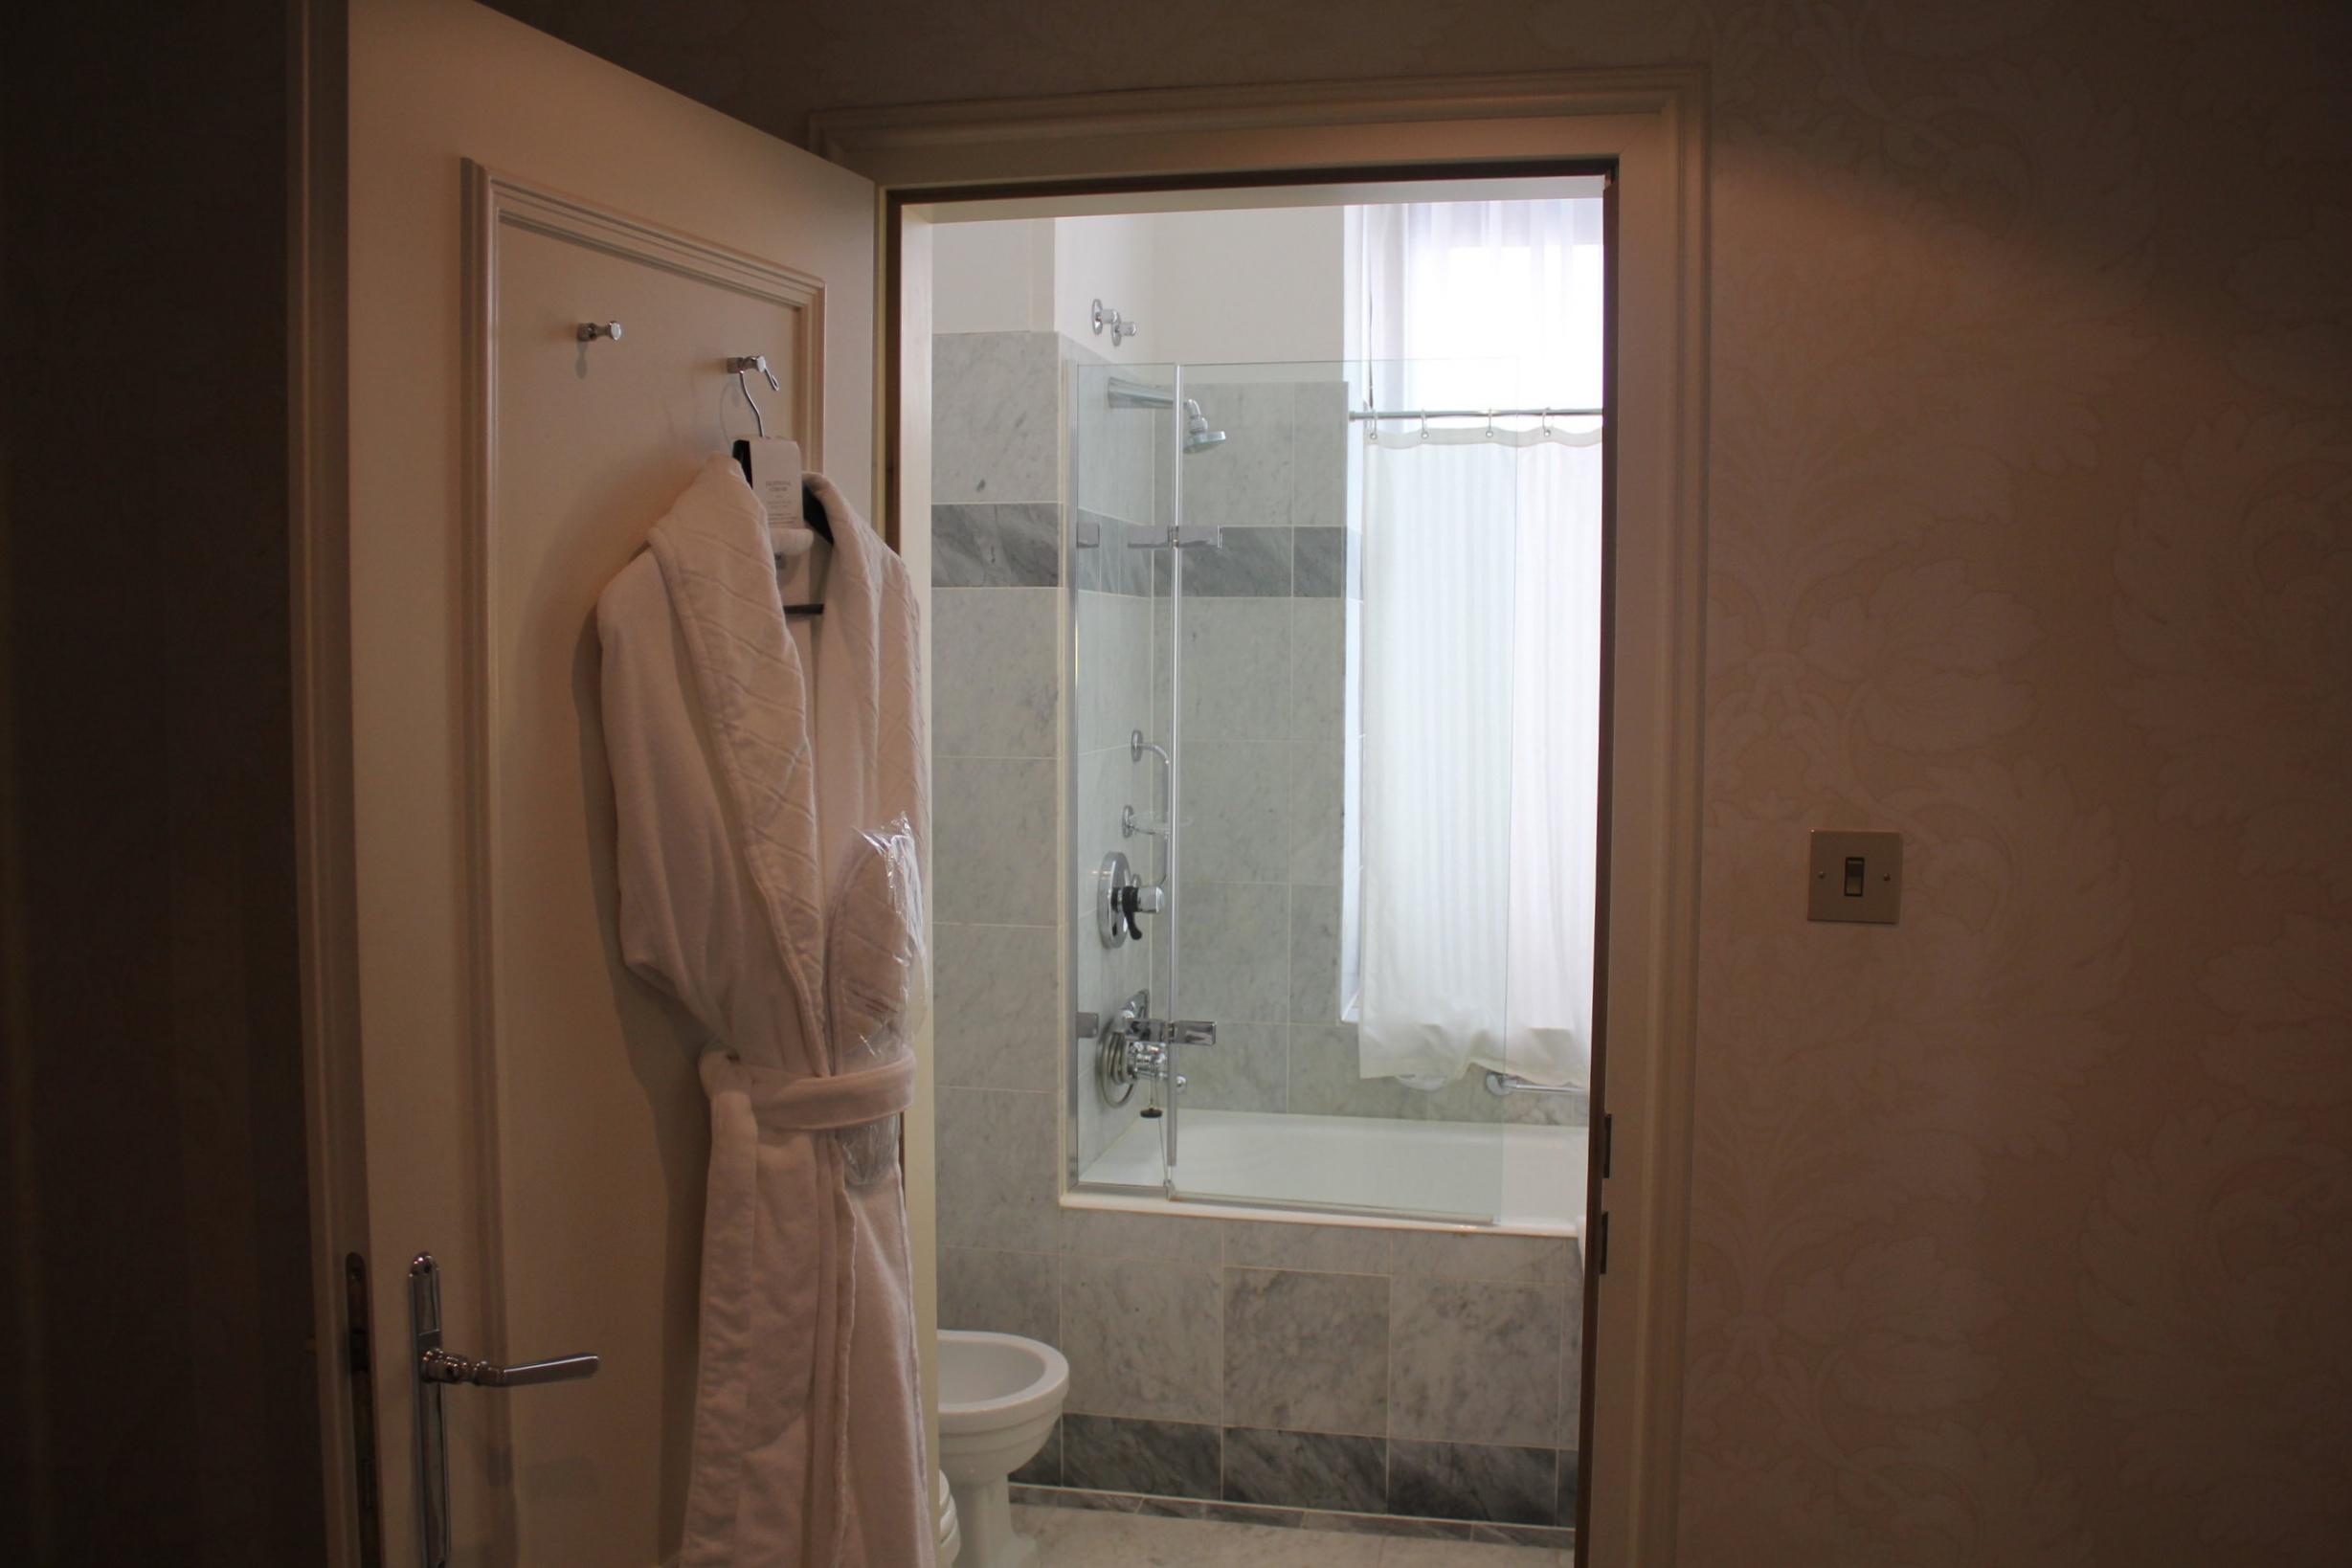 Hotel Bristol Warsaw – Bathroom